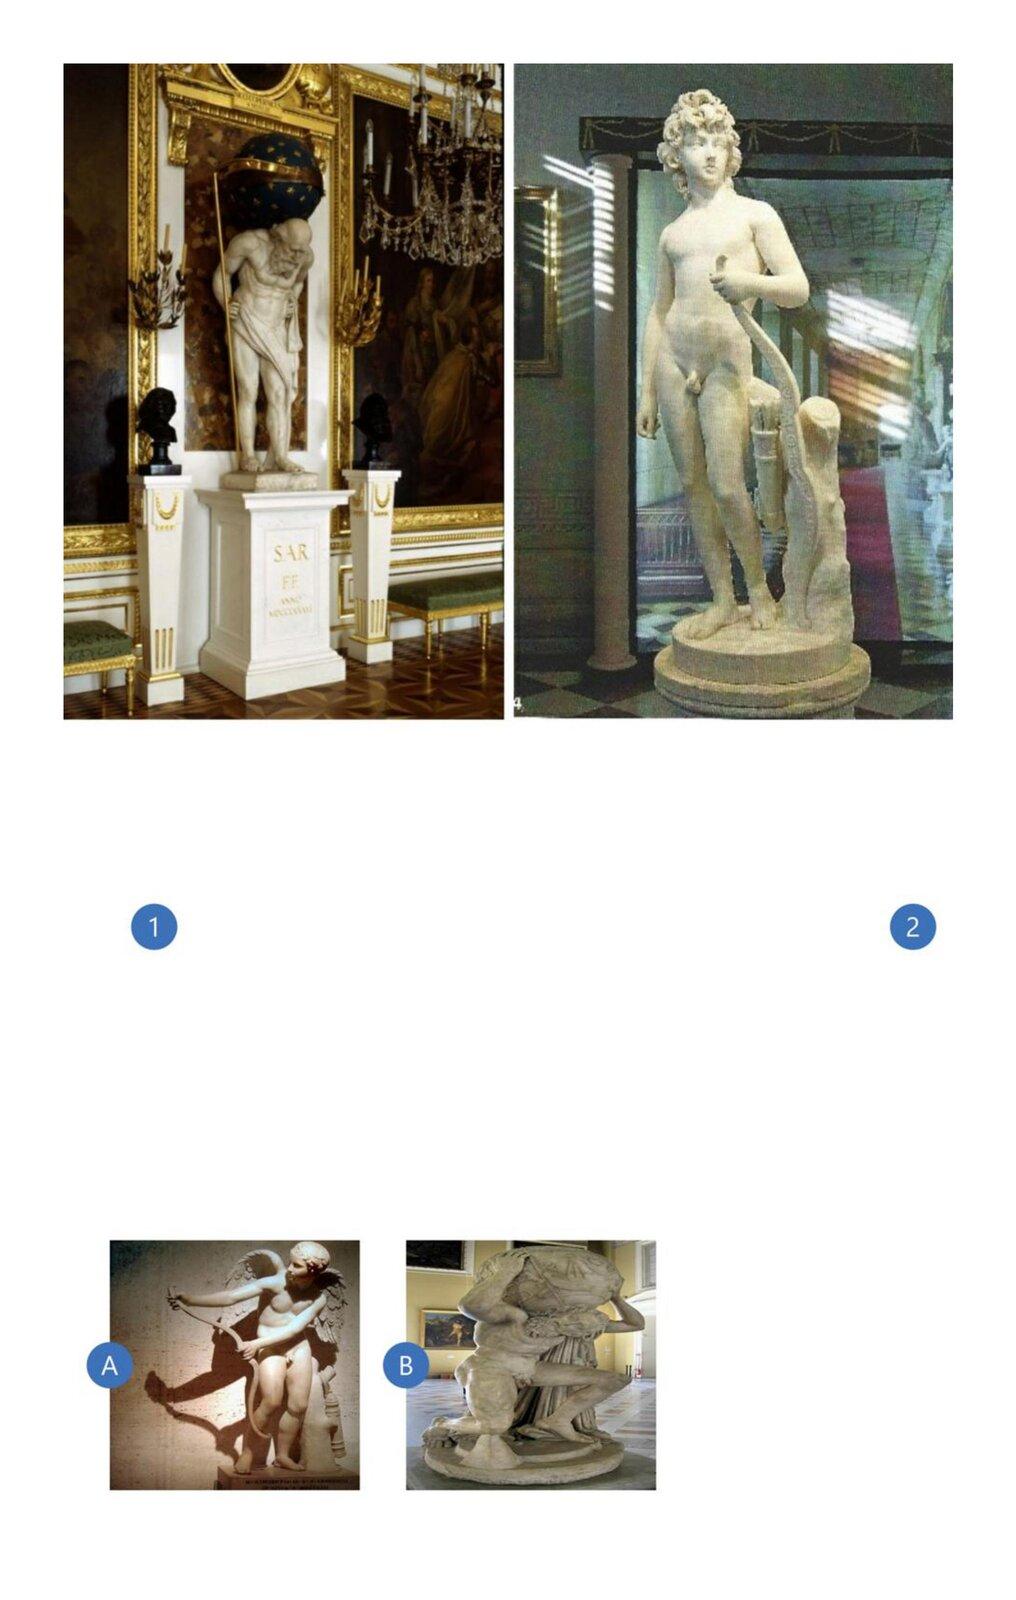 """Pierwsza ilustracja przedstawia dzieło Giacomo Monaldi pt. """"Chronos"""". Na ilustracji znajduje się rzeźba prezentująca starszego mężczyznę. Jest on półnagi, przepasany jedynie kawałkiem materiału wpasie. Chronos ma długą brodę oraz łysinę na czubku głowy. Postać łapie się rękoma za biodra. Mężczyzna jest pochylony do przodu. Nad jego plecami znajduje się wielka, niebieska kula zgwiazdkami na długim kiju. Posąg znajduje się na kolumnie. Za posągiem widoczne są zawieszone na ścianie obrazy, atakże świeczniki ilampy. Po obu stronach postaci znajdują się dwie małe, czarne rzeźby przedstawiające głowy. Druga ilustracja przedstawia dzieło Antonio Canova pt. """"Henryk Lubomirski jako Amor"""". Na ilustracji znajduje się rzeźba Henryka Lubomirskiego. Mężczyzna przedstawiony jest jako amor. Nagi chłopiec ma bujną fryzurę. Dłoń trzyma na łuku, który oparty jest oskałę. Obok znajdują się także strzały. Rzeźba znajduje się wpomieszczeniu, na co wskazuje tło - fragment obrazu na ścianie, wejście do pomieszczenia, za którym widoczny jest długi, czerwony dywan oraz inne stojące rzeźby. Jedną odpowiedzią jest ilustracja przedstawiająca dzieło Lysipposa pt. """"Kupidyn"""". Na ilustracji znajduje się rzeźba Kupidyna. Mężczyzna przedstawiony został jako młody bóg ze skrzydłami. Postać jest naga. Wobu rękach trzyma łuk. Posąg znajduje się na podeście. Obok Kupidyna widoczny jest element przypominający konar drzewa. Za rzeźbą widoczne jest jednolite tło. Drugą odpowiedzią jest ilustracja przedstawiająca dzieło nieznanego autora pt. """"Atlas Farnezyjski"""". Na ilustracji znajduje się rzeźba prezentująca starszego mężczyznę wdługich włosach, zbrodą iwąsami. Mężczyzna jest nagi, przez ramię zwisa mu materiał. Postać klęka na jednym kolanie. Głowę ma pochyloną lekko na bok. Na ramieniu przytrzymuje dwiema rękoma wielką kulę. Posąg ustawiony jest na podeście. Wtle widoczne są liczne obrazy zawieszone na ścianach."""